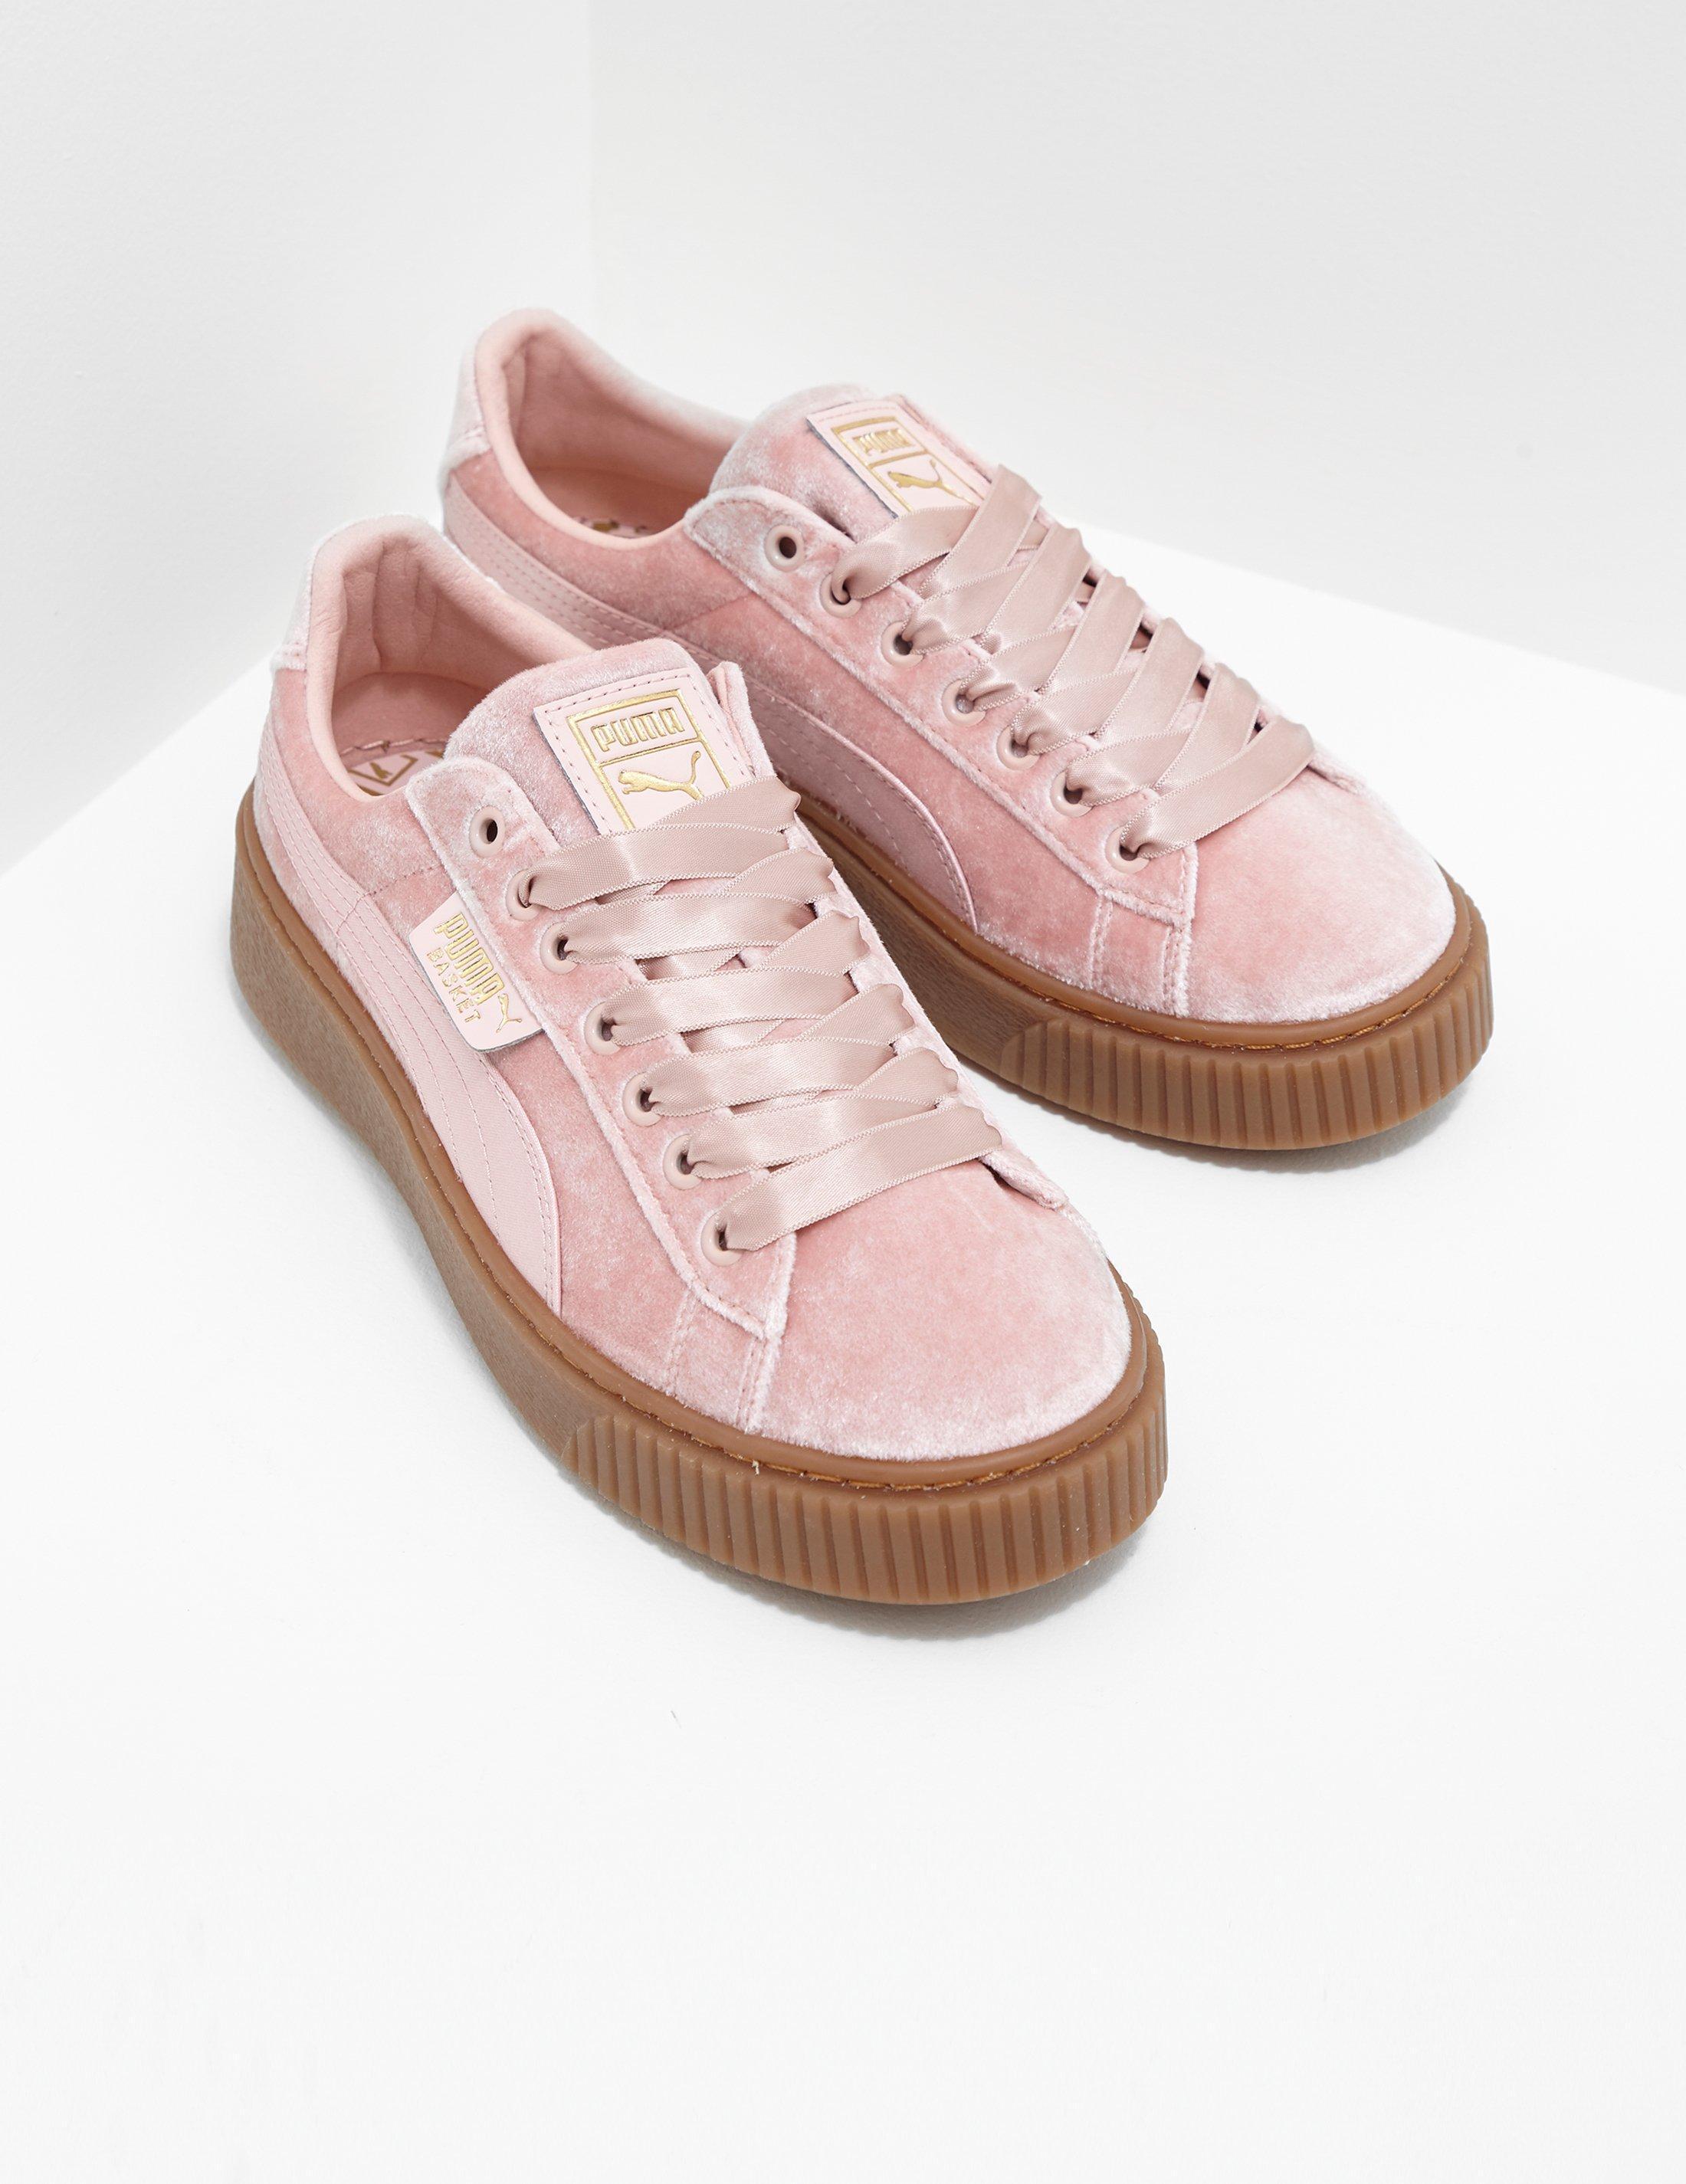 8b5d559e73 PUMA Womens Basket Platform Velvet Women's Pink